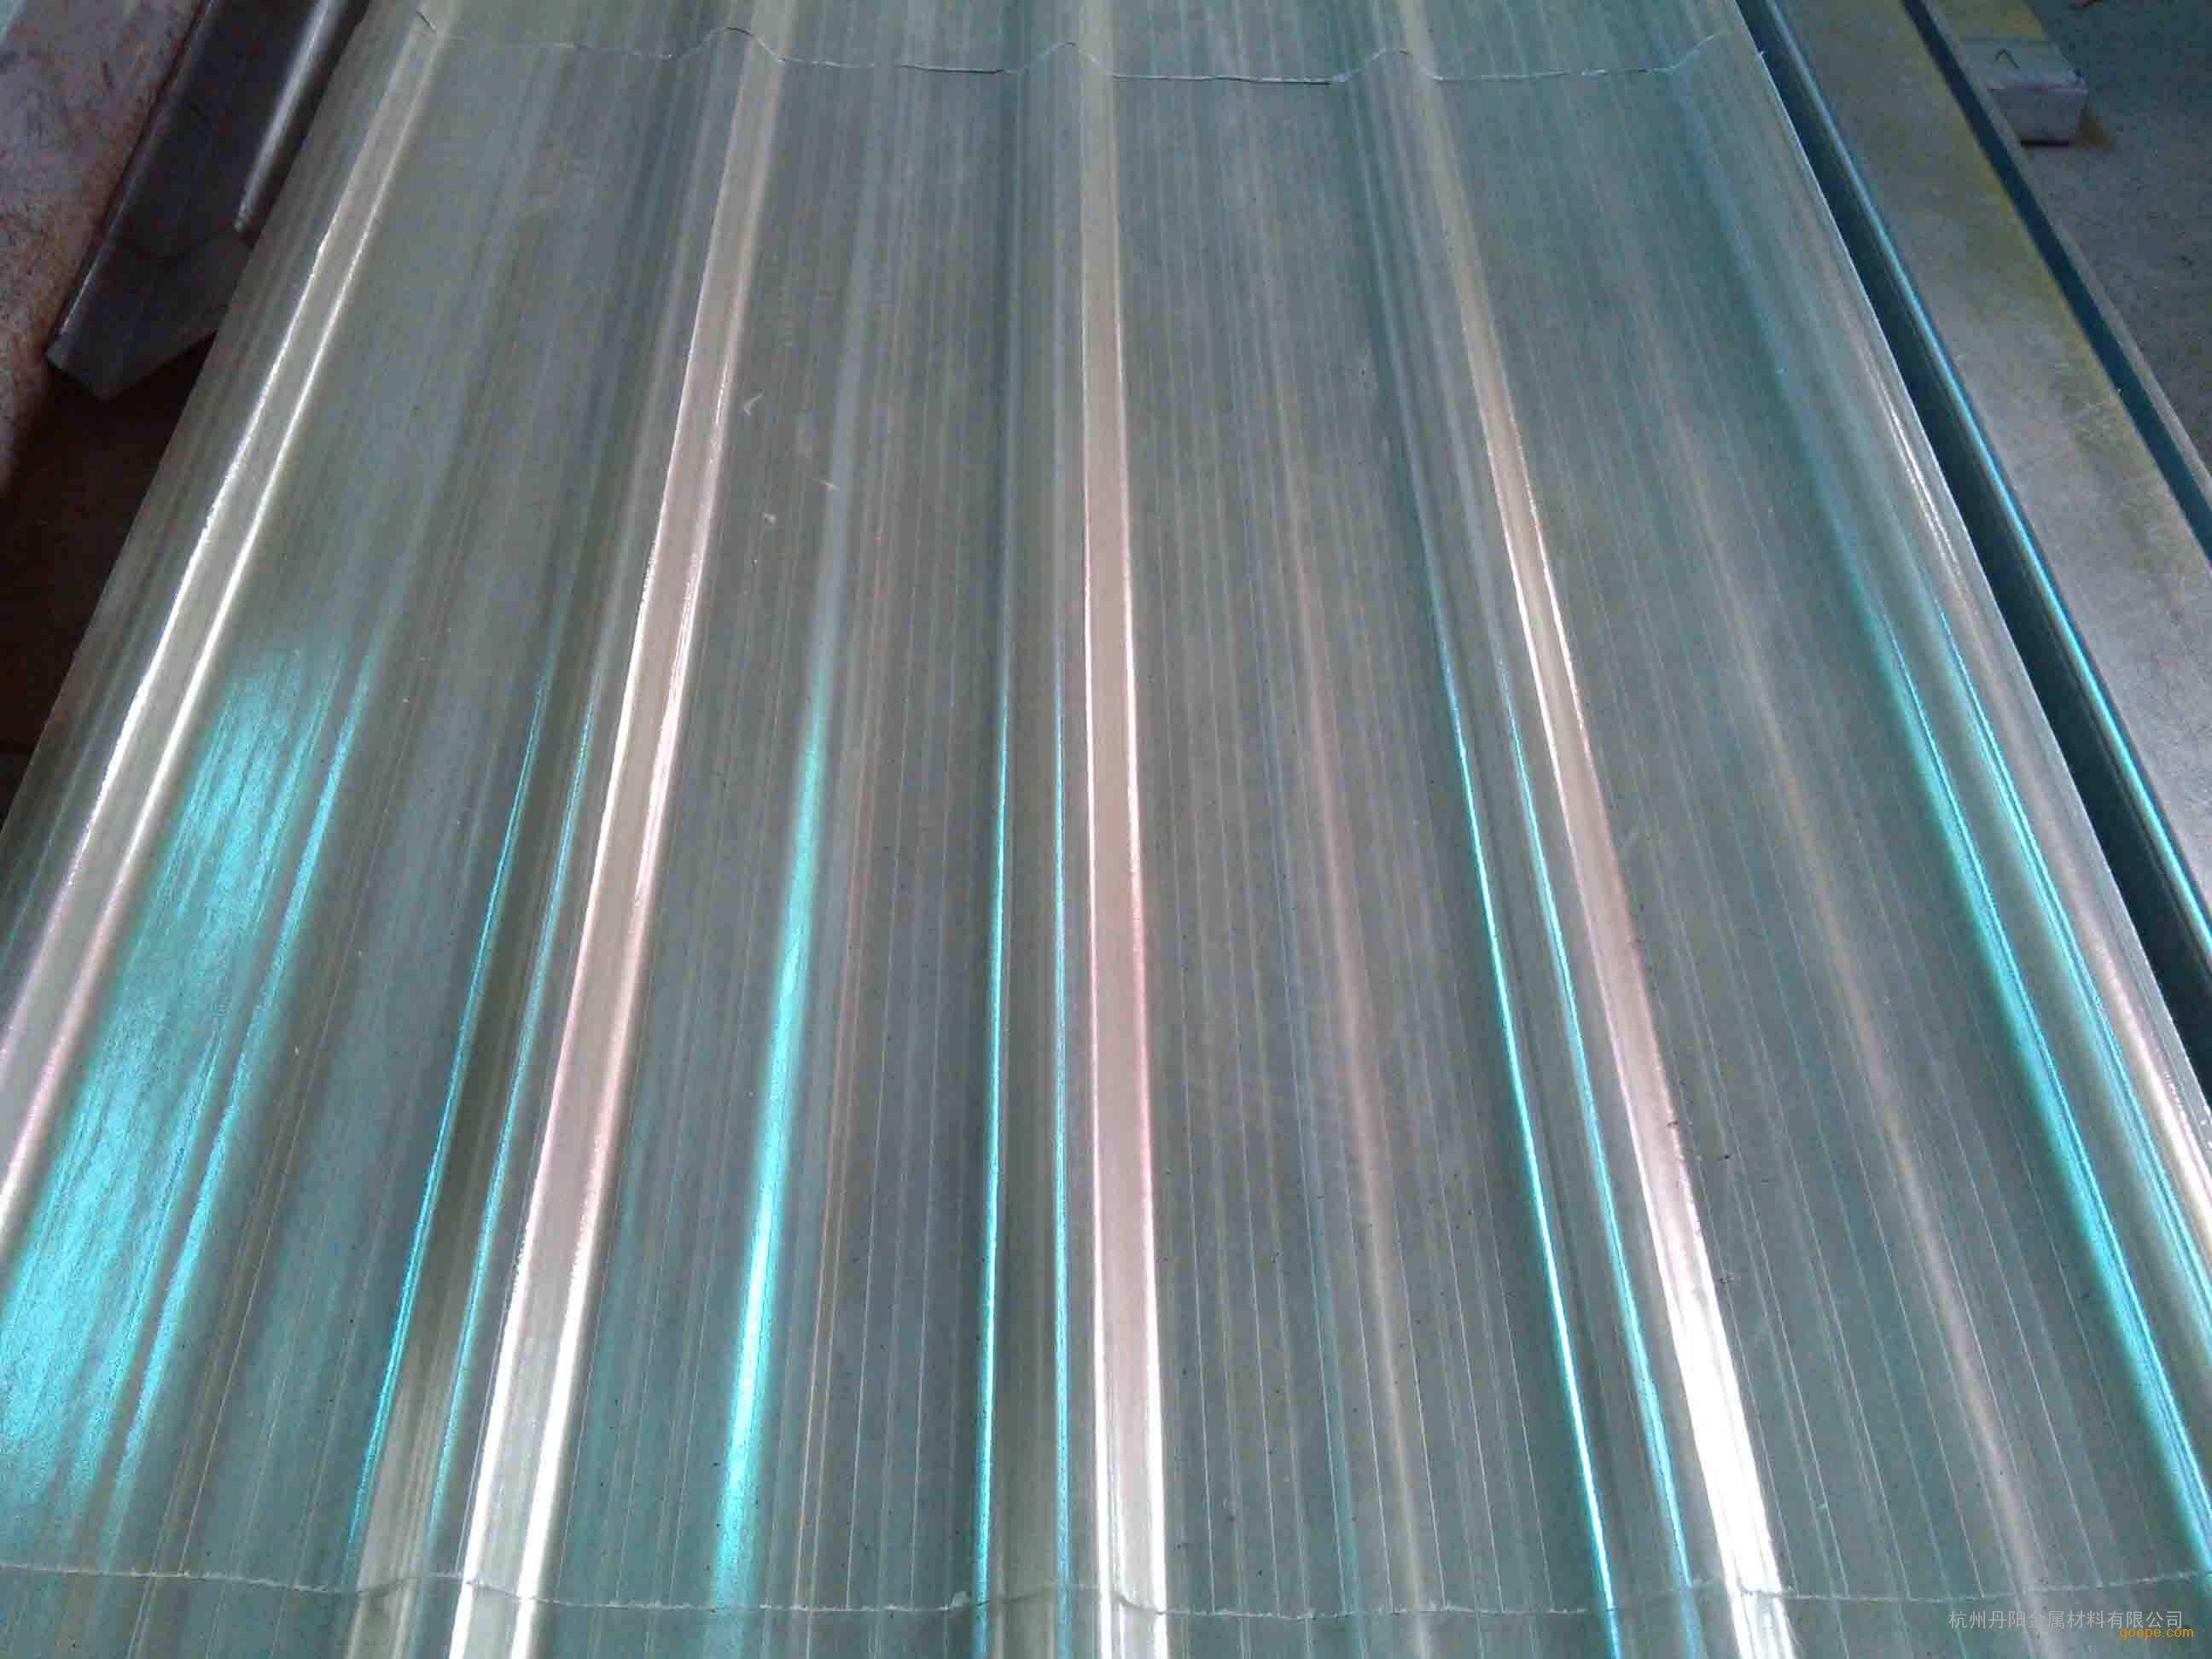 吴忠采光板厂家-怎么挑选质量好的宁夏FRP采光板